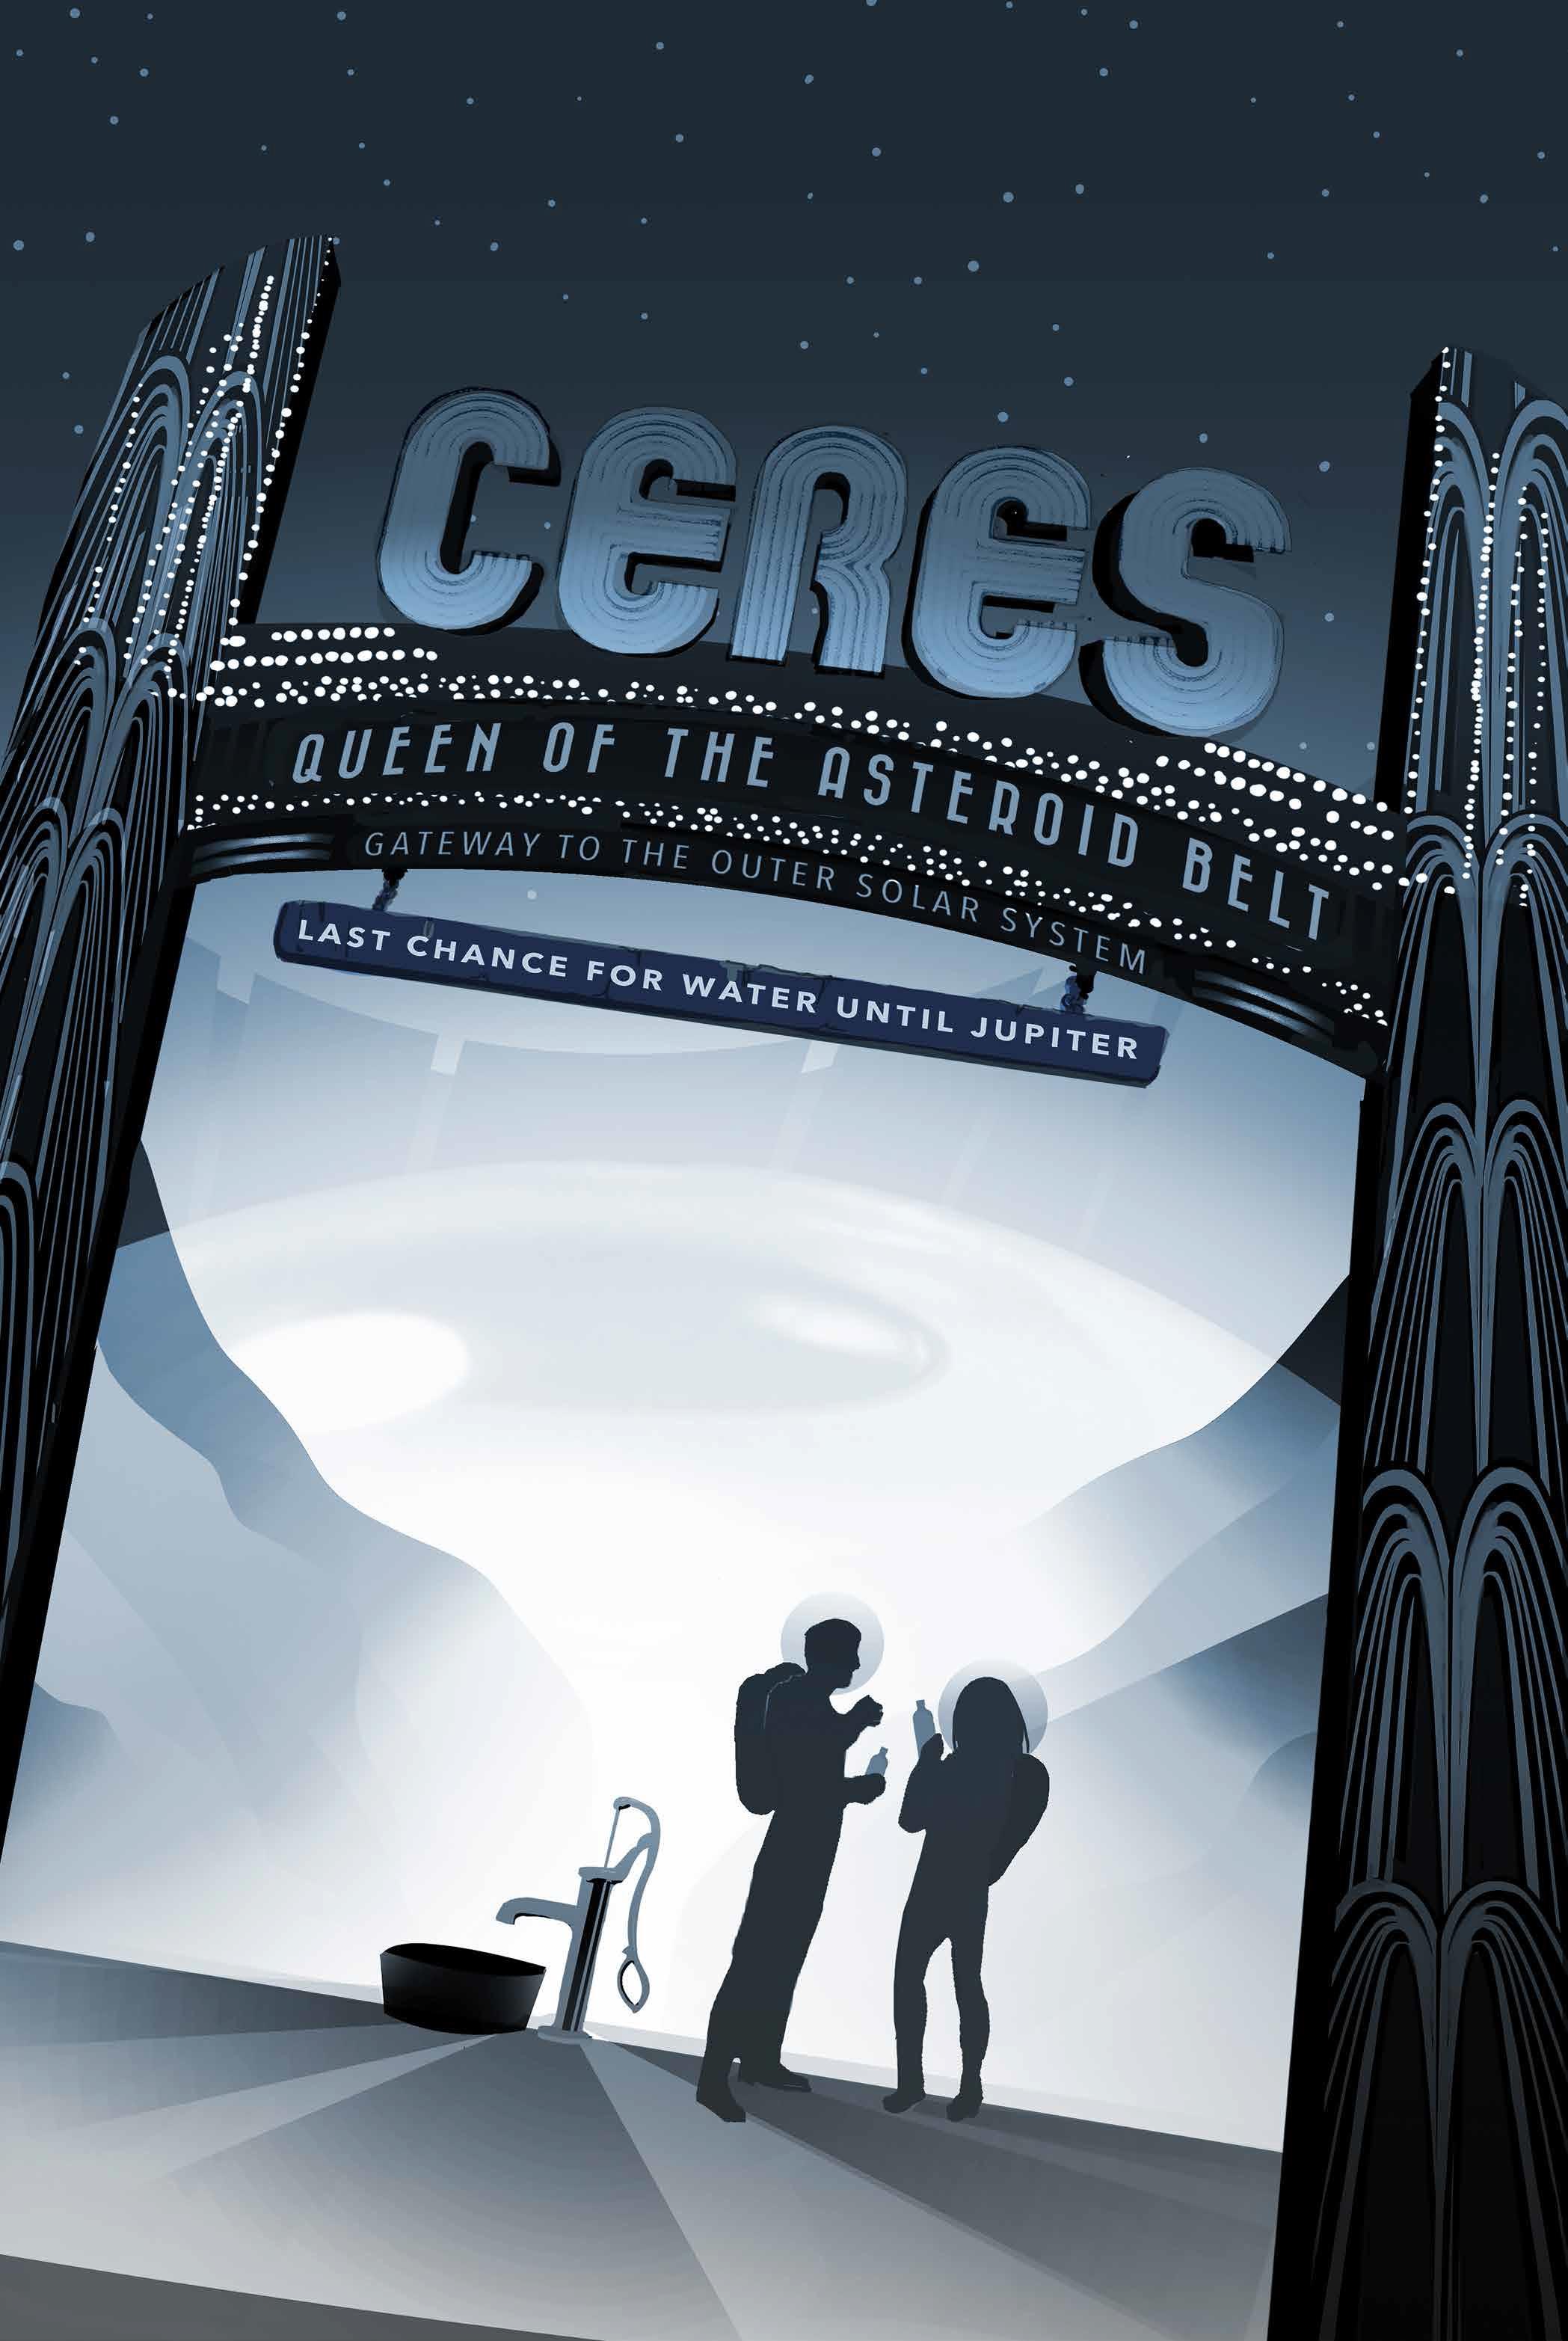 """La """"reine de la ceinture d'astéroïdes"""", la planète naine Cérès, """"dernière chance pour obtenir de l'eau avant Jupiter"""""""